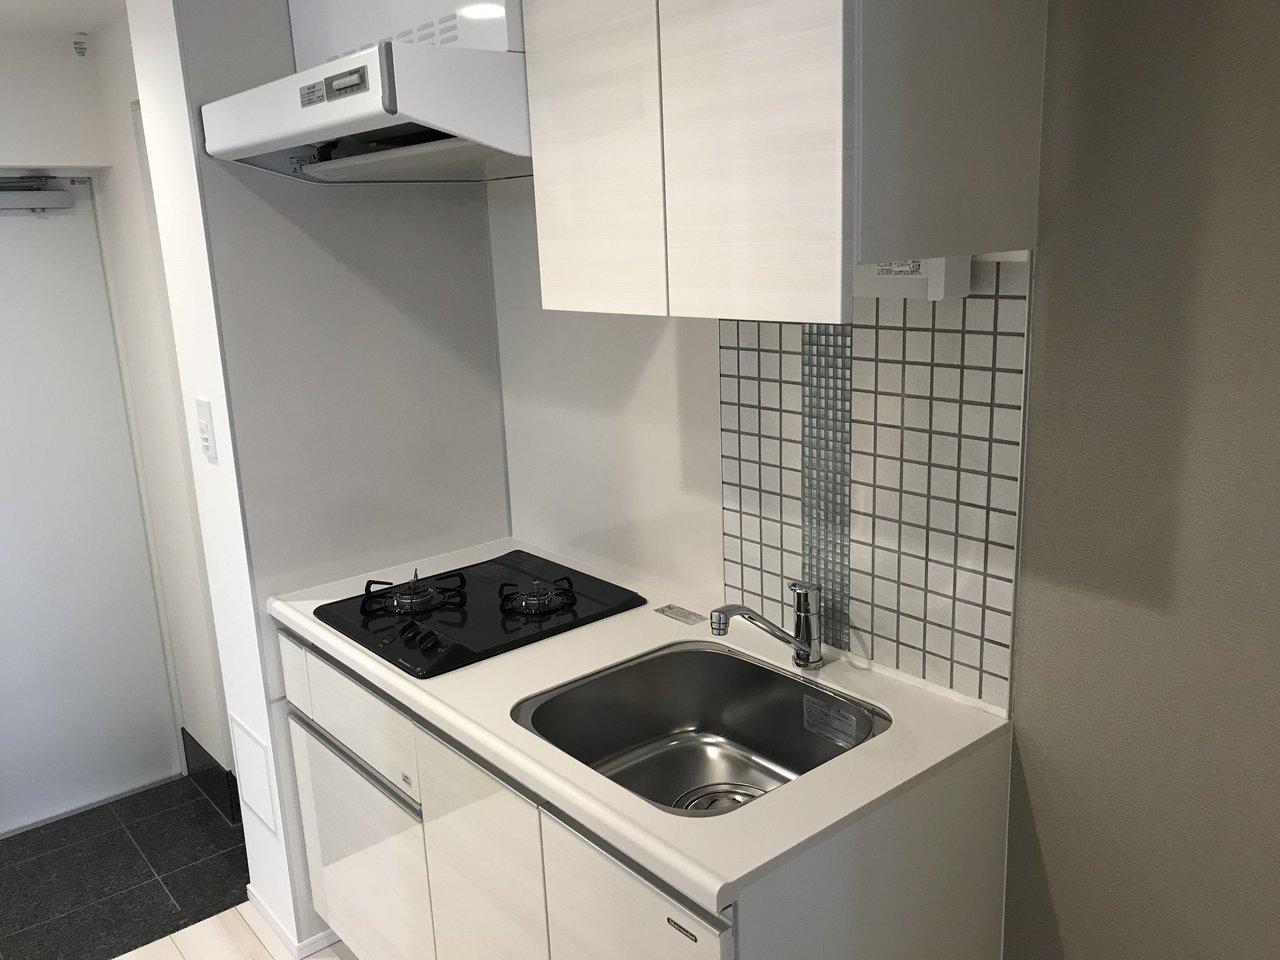 キッチンや独立洗面台には、壁にかわいいタイルが貼られています。こういうさりげないおしゃれが、意外と心くすぐられたりするんですよね。